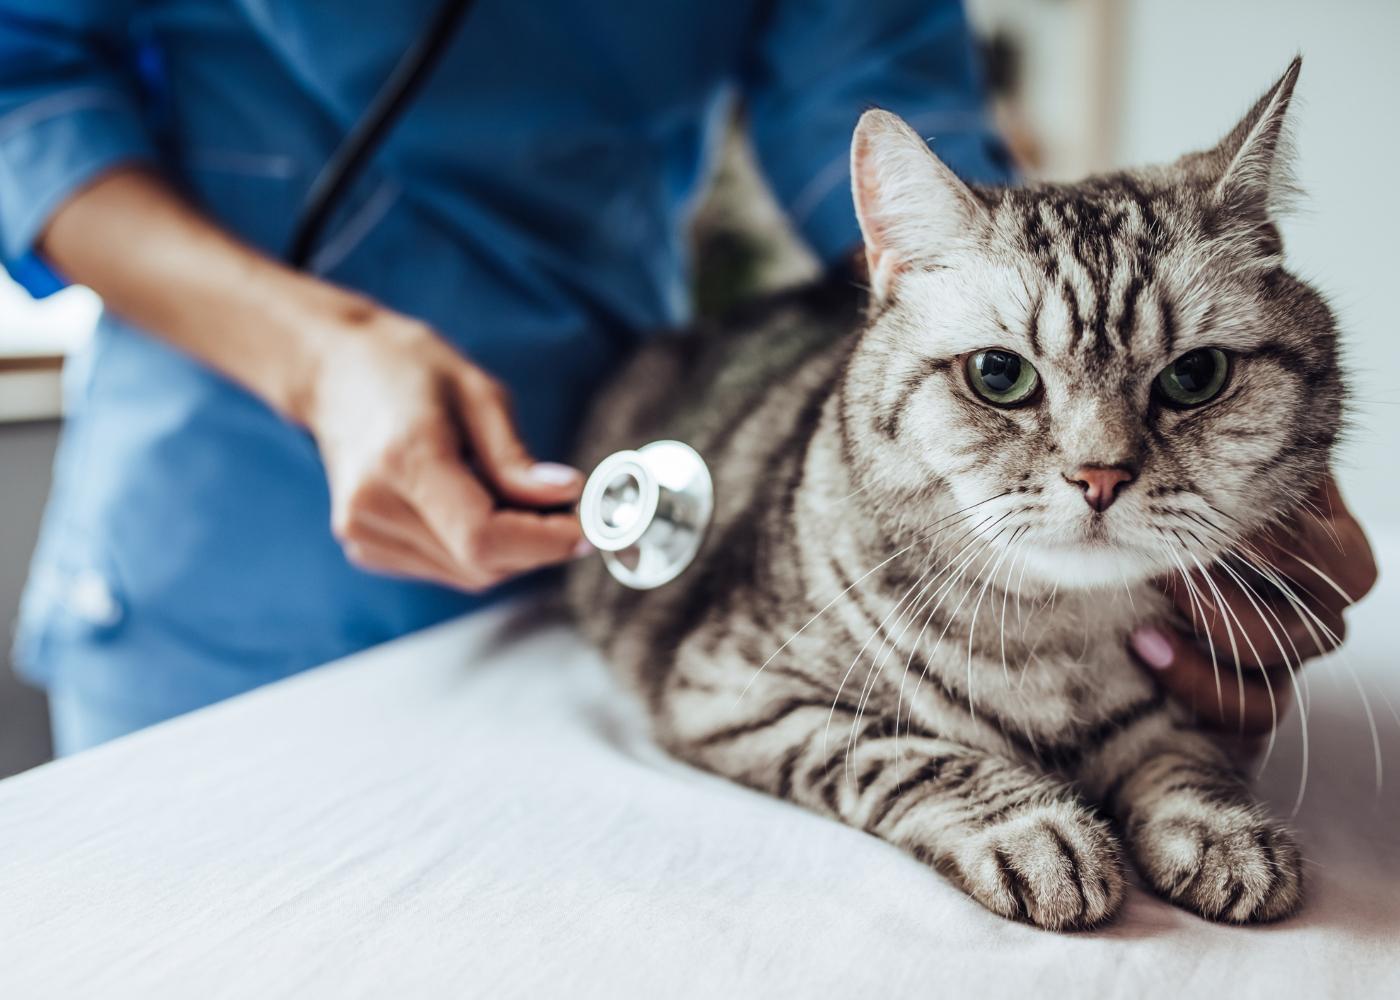 transicao da racao para caes e gatos medidas preventivas